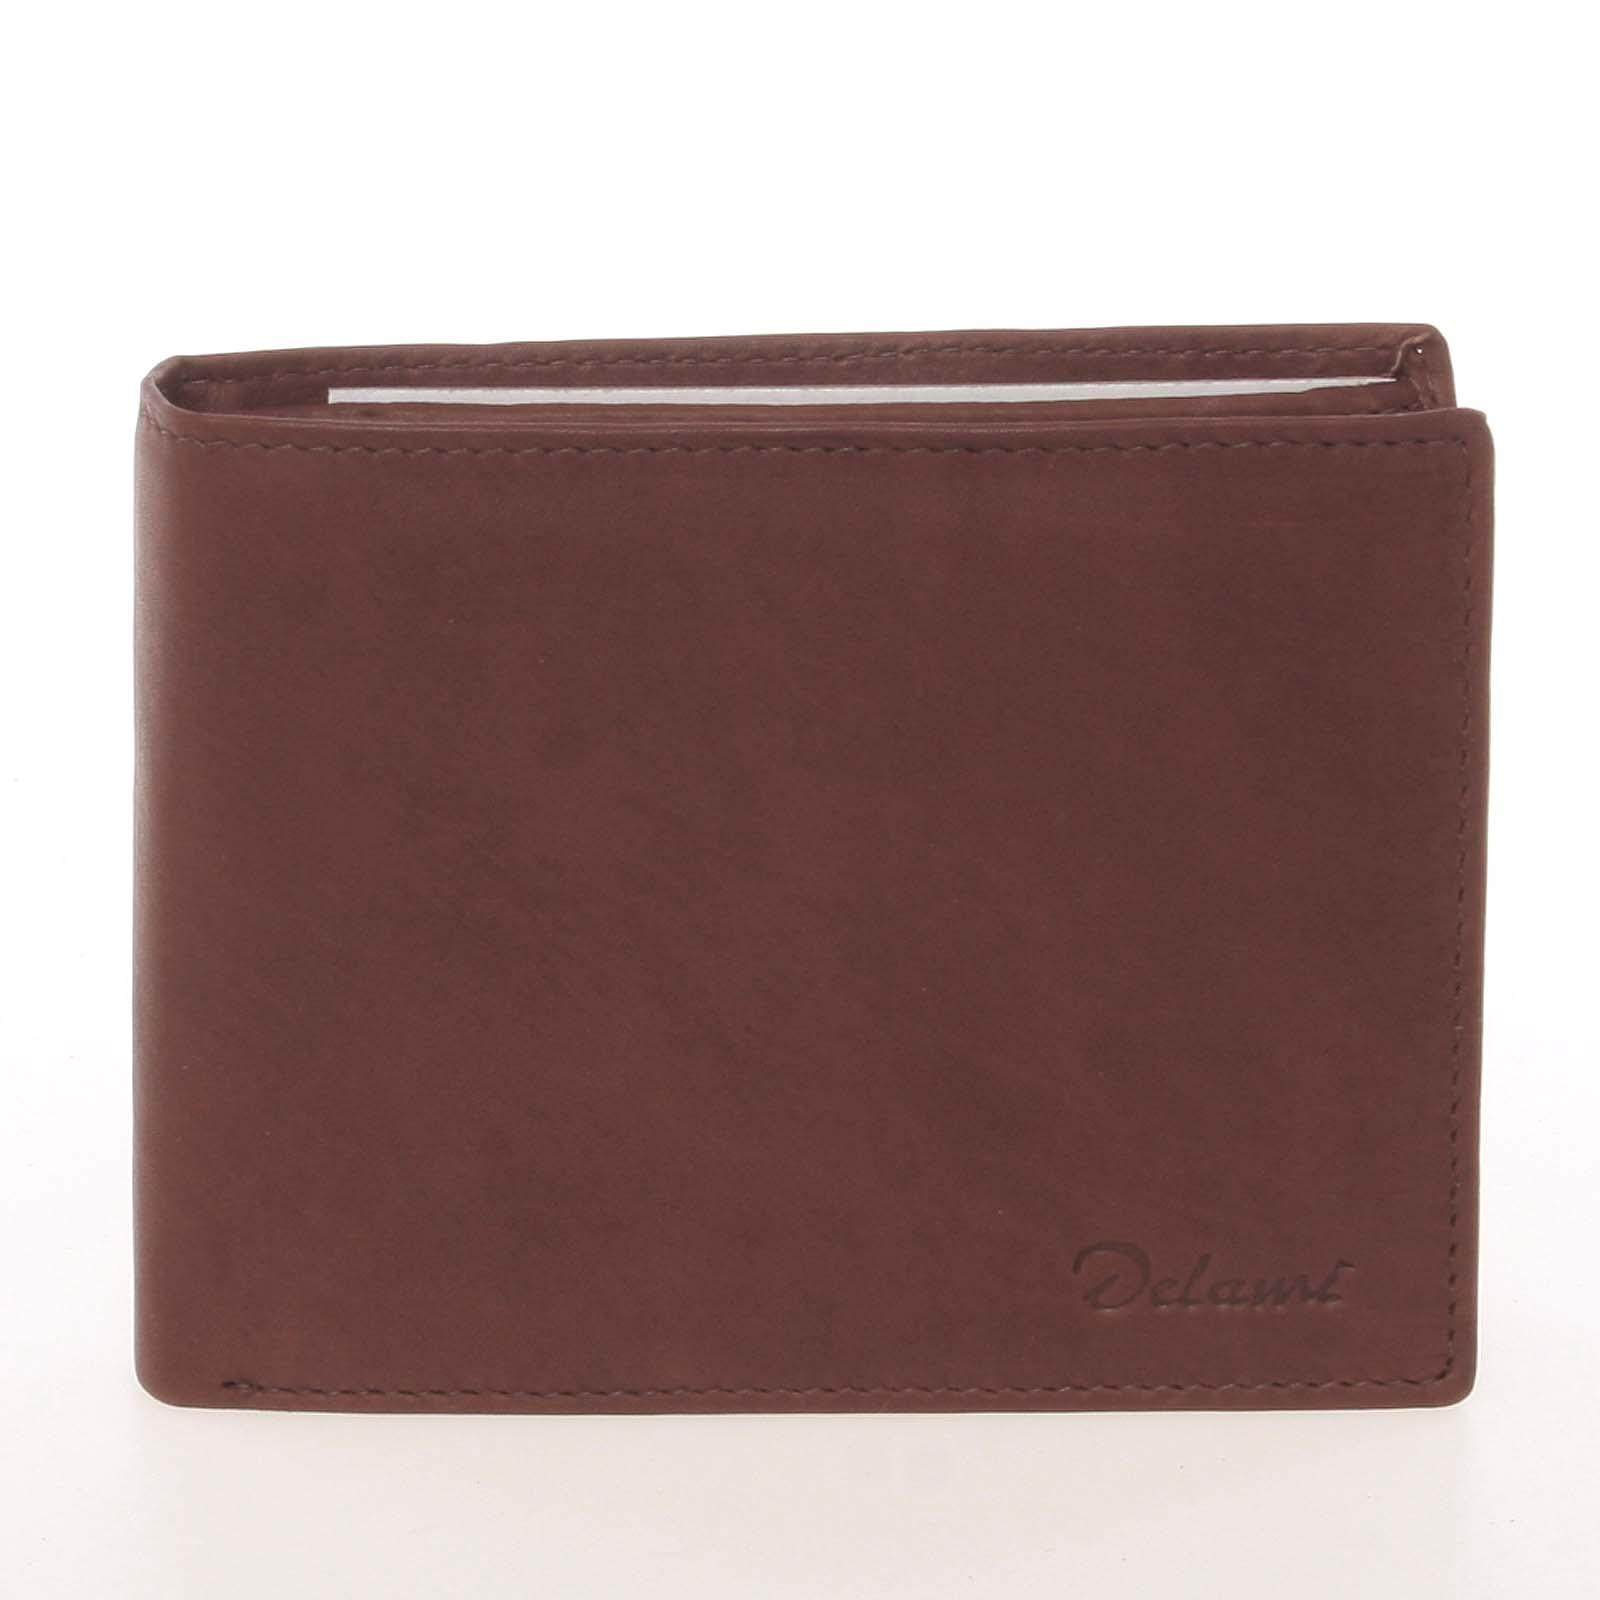 Kvalitní pánská kožená hnědá peněženka - Delami Archard